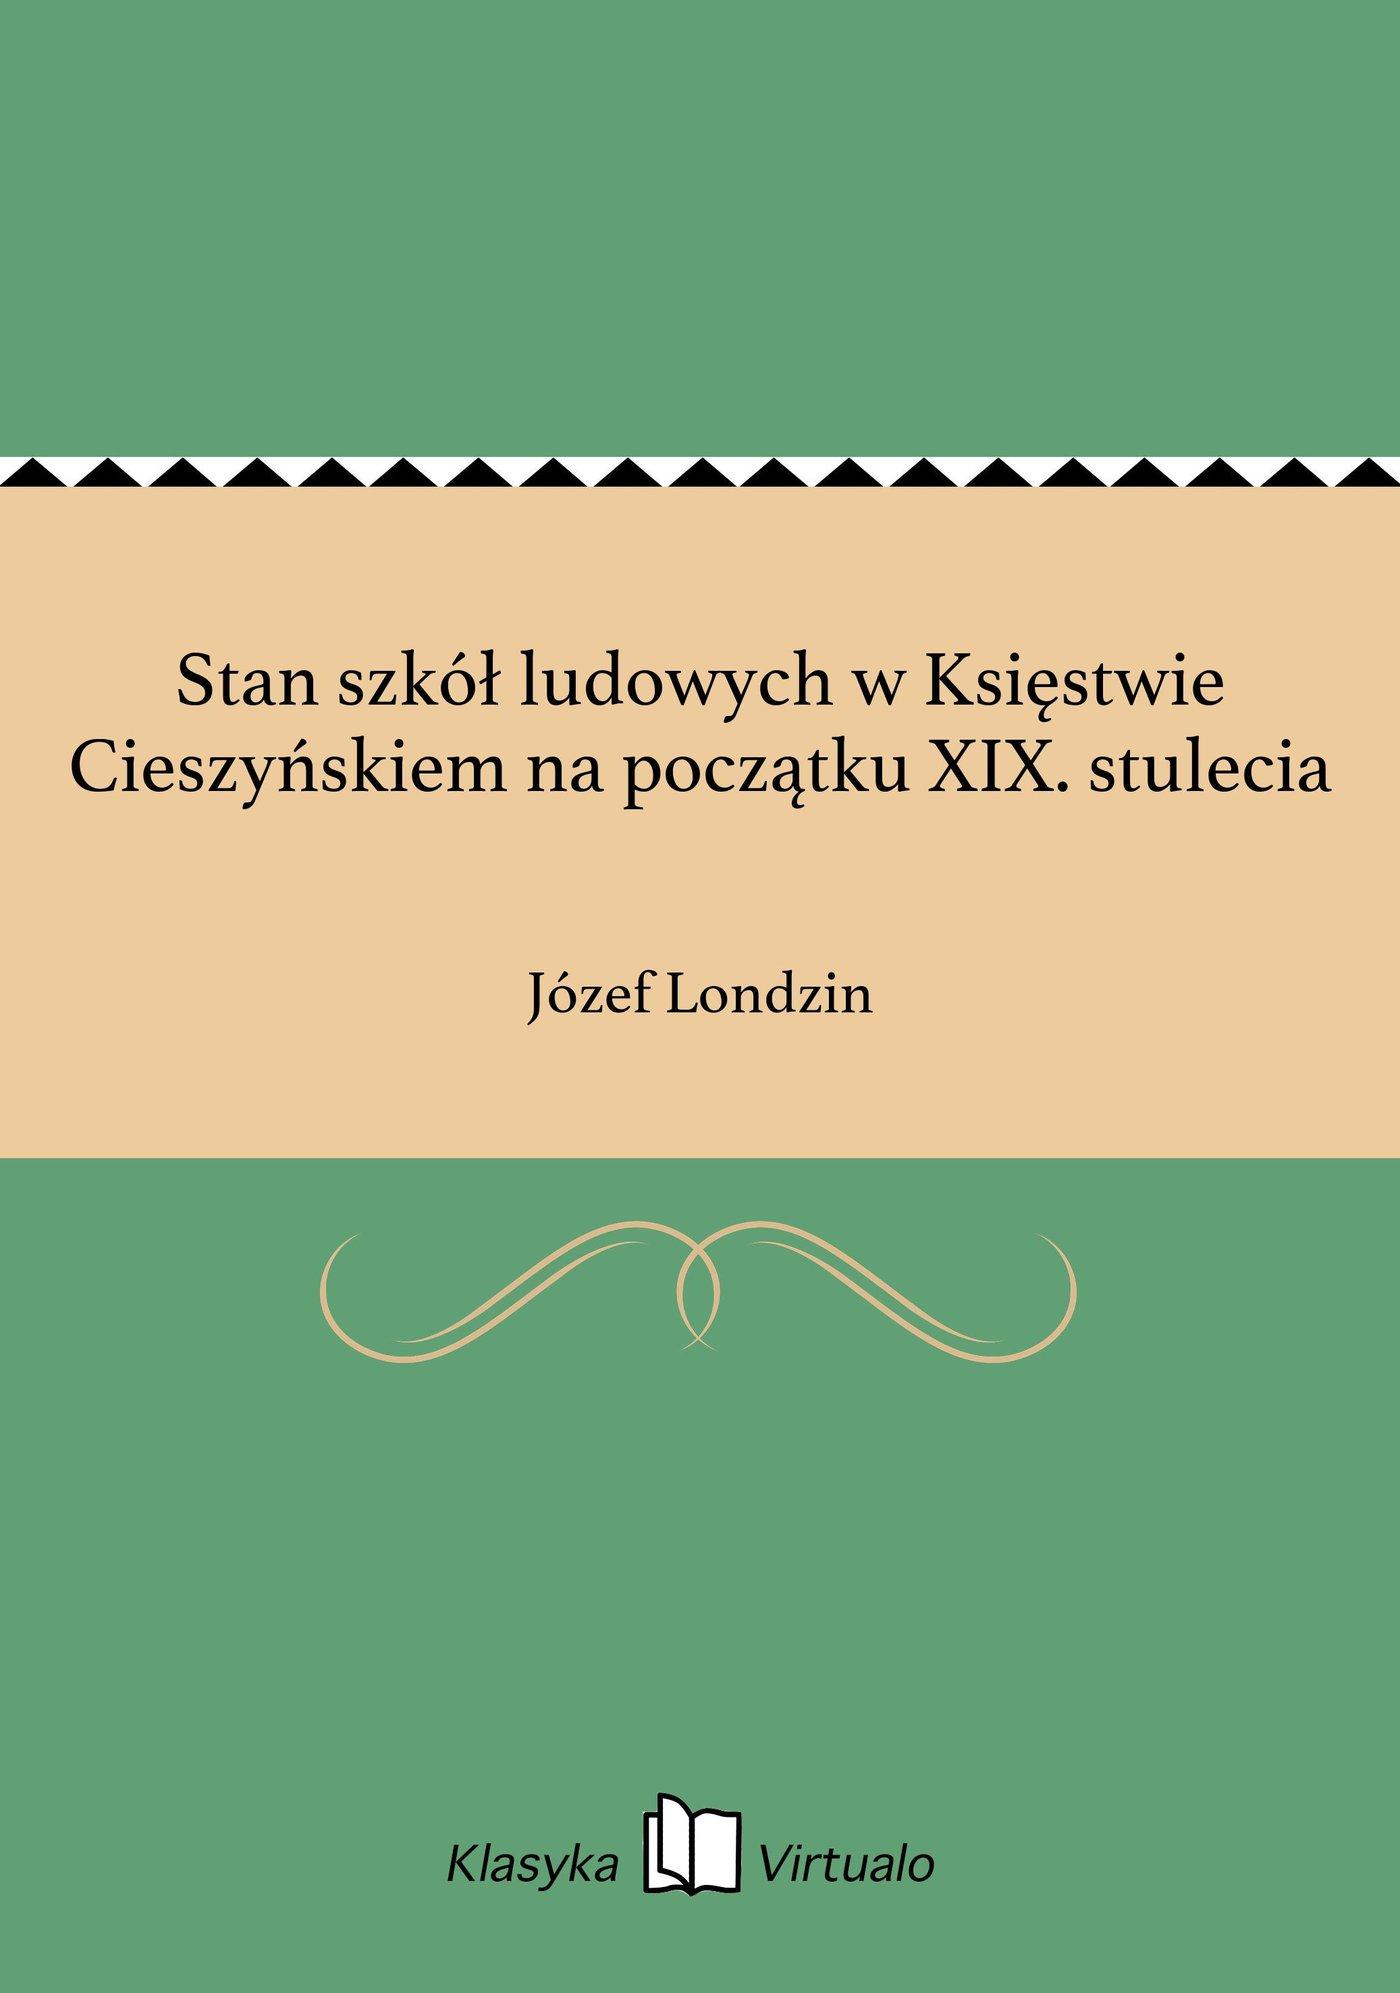 Stan szkół ludowych w Księstwie Cieszyńskiem na początku XIX. stulecia - Ebook (Książka EPUB) do pobrania w formacie EPUB